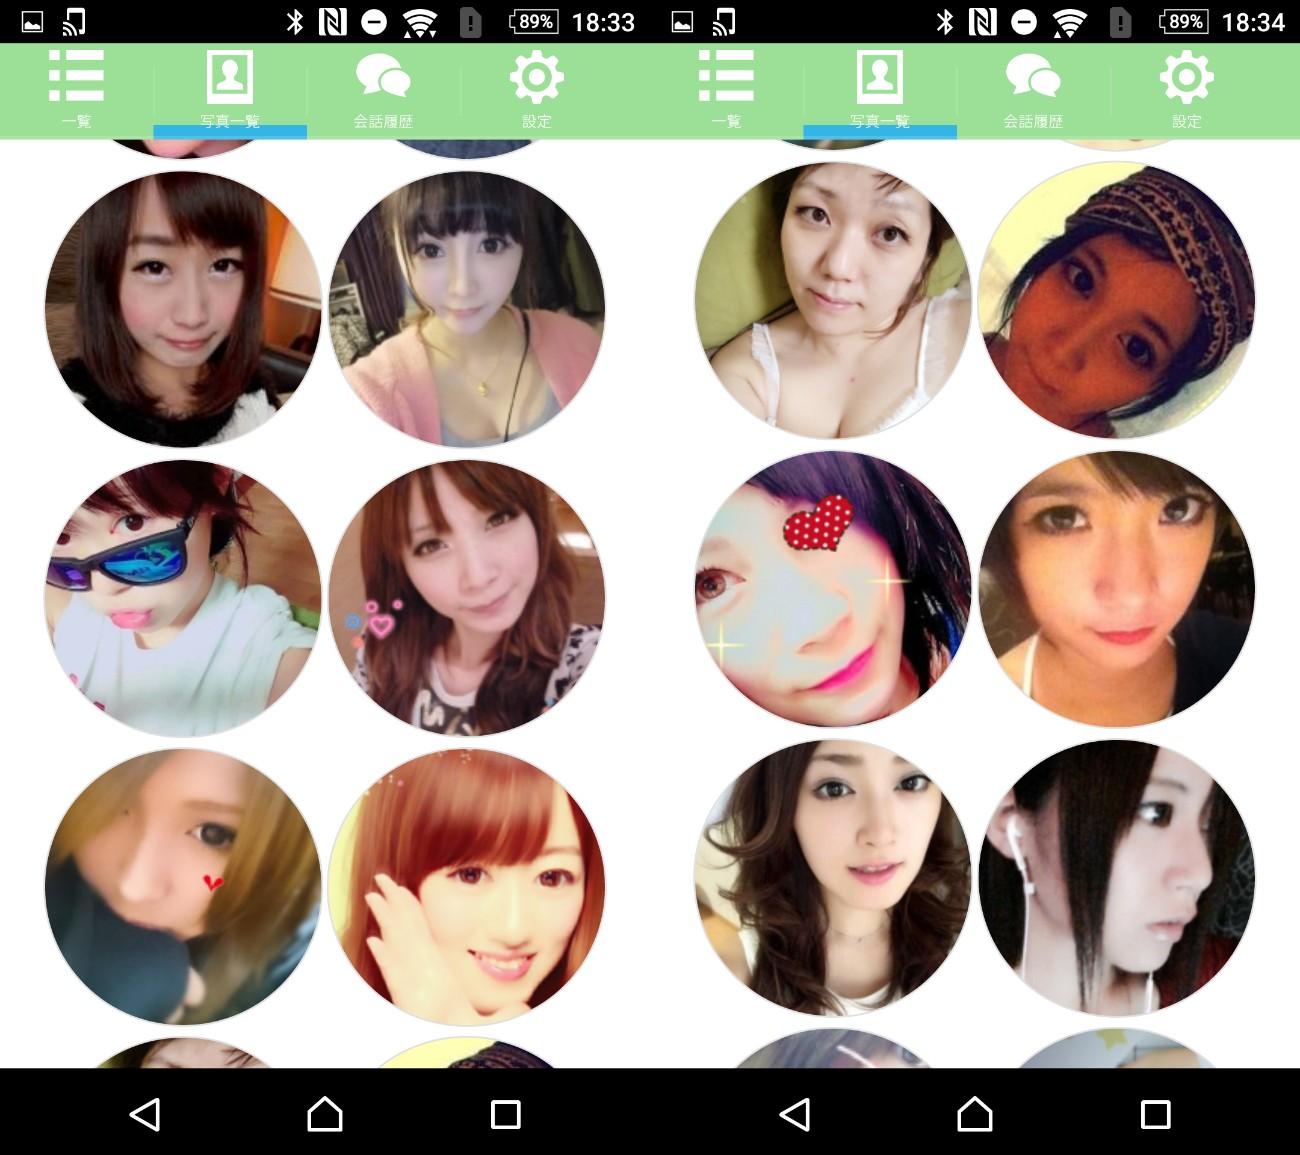 出会いアプリはラッキートークサクラ達の画像